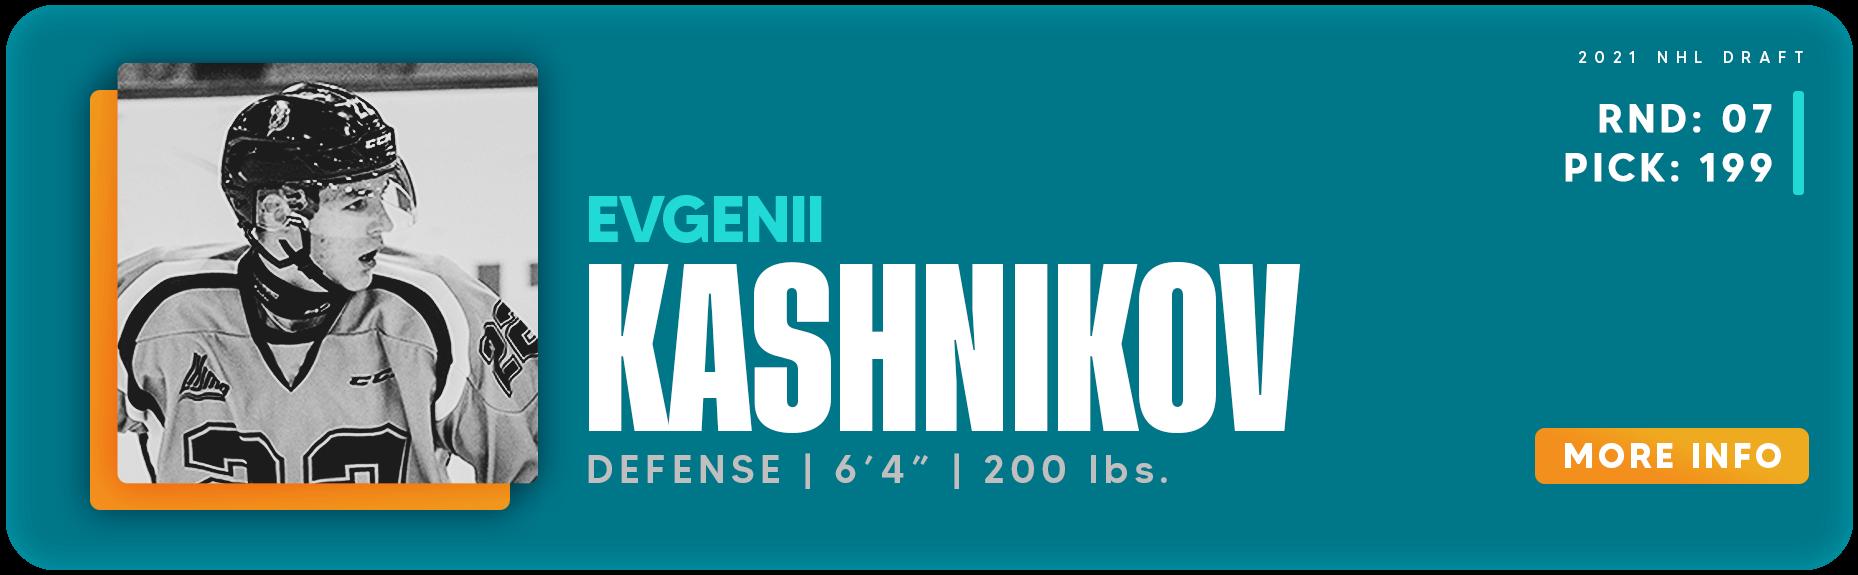 Evgenii Kashnikov